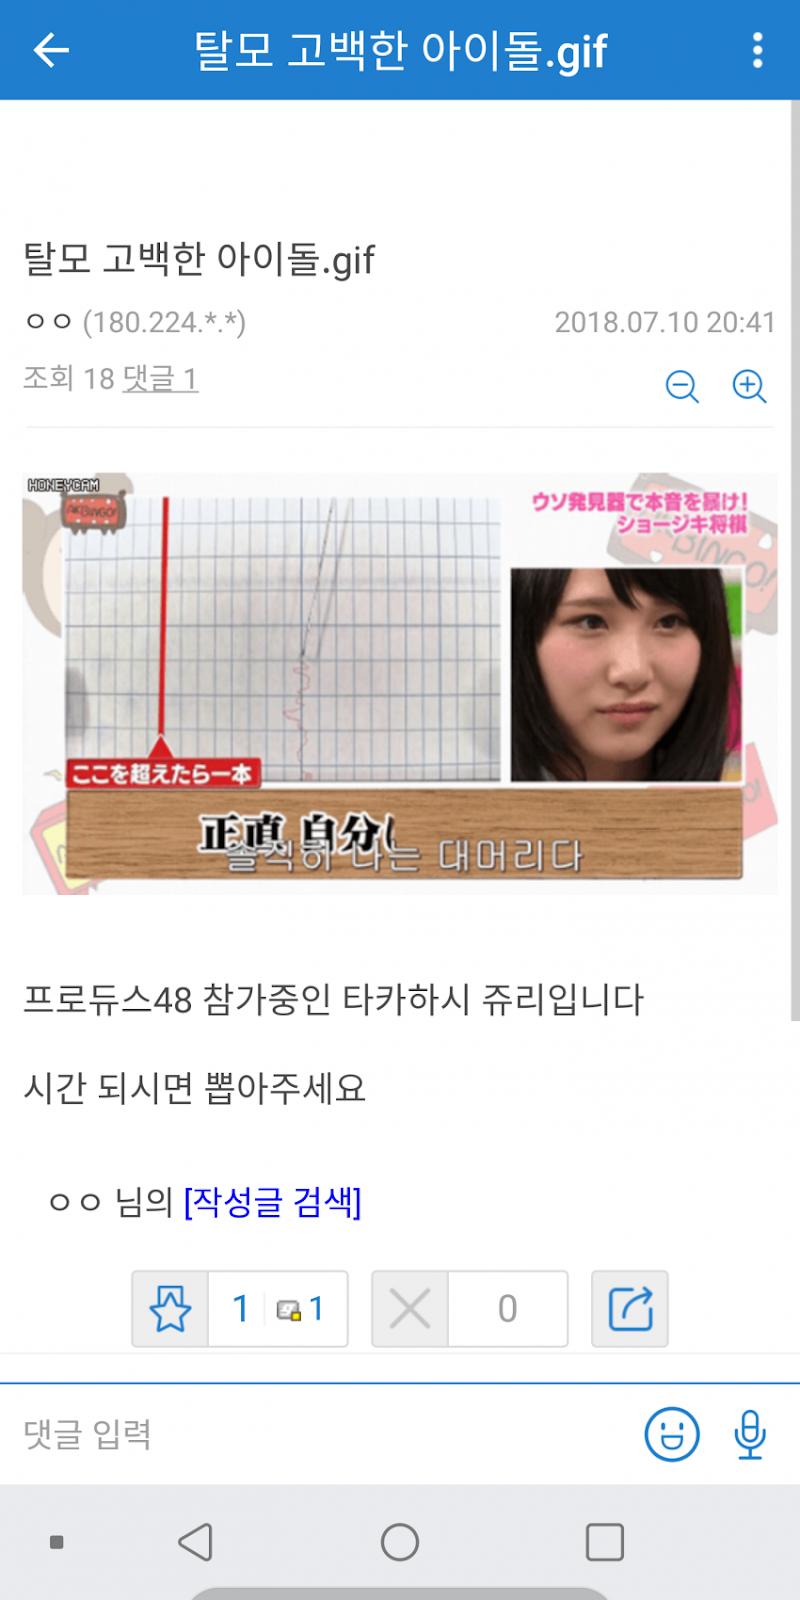 탈모갤에서 영업뛰는 프로듀스48 갤러